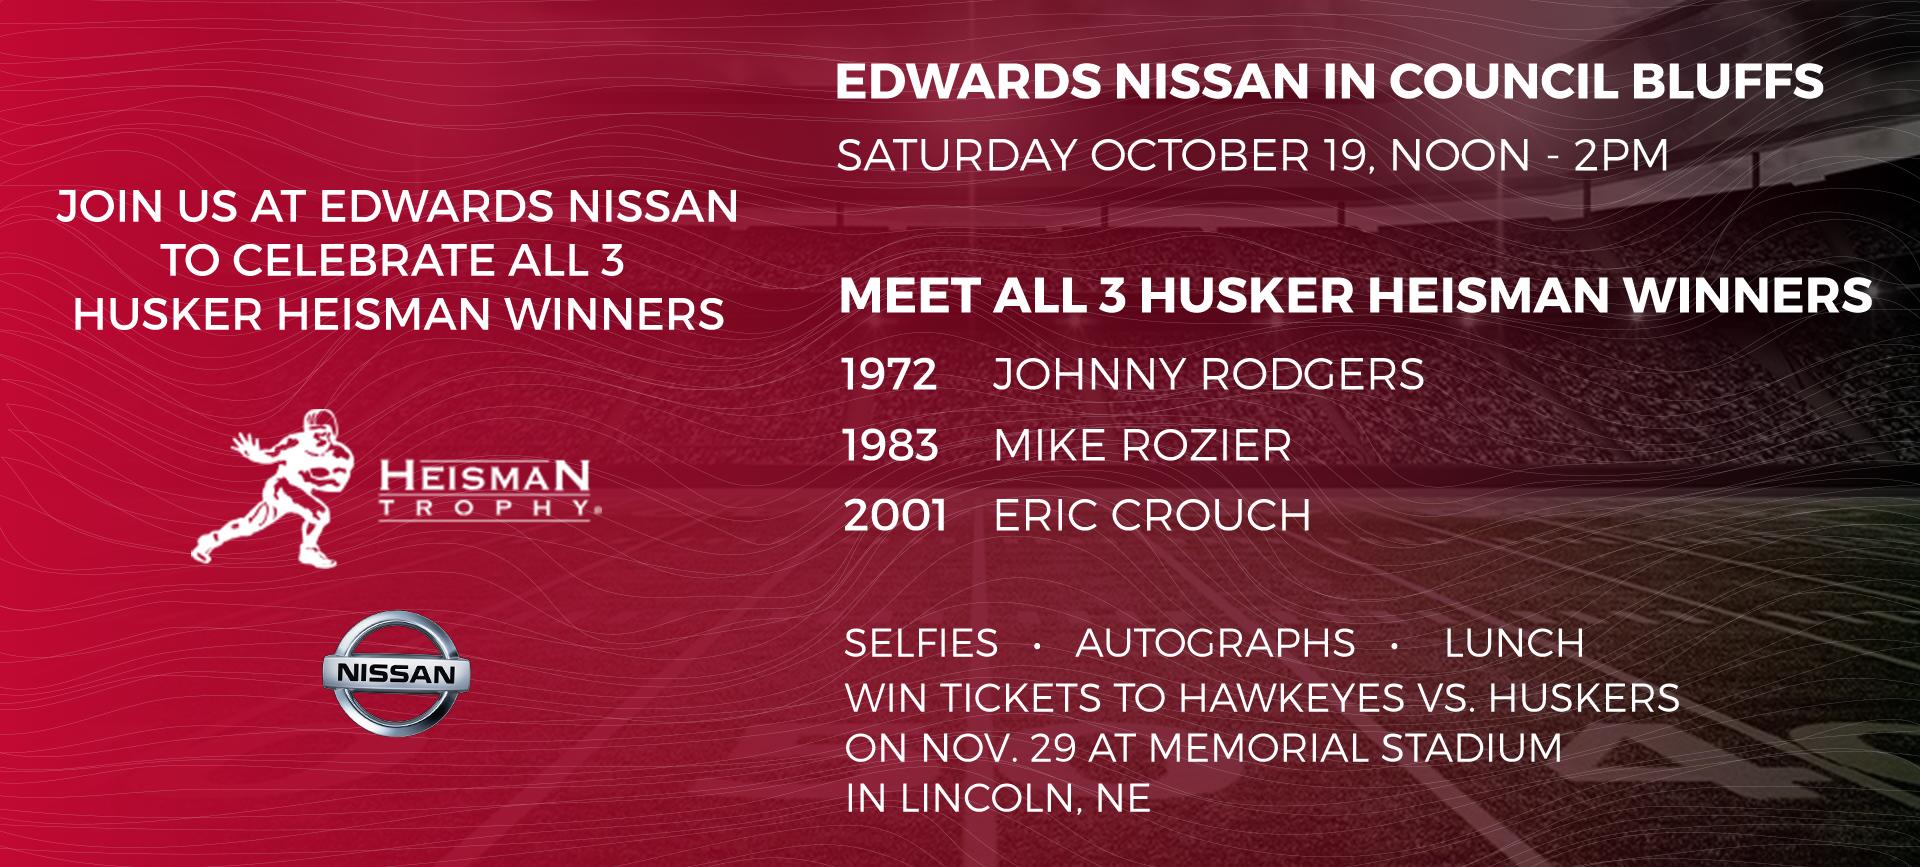 Heisman Trophy Winners Meet - Edwards Nissan